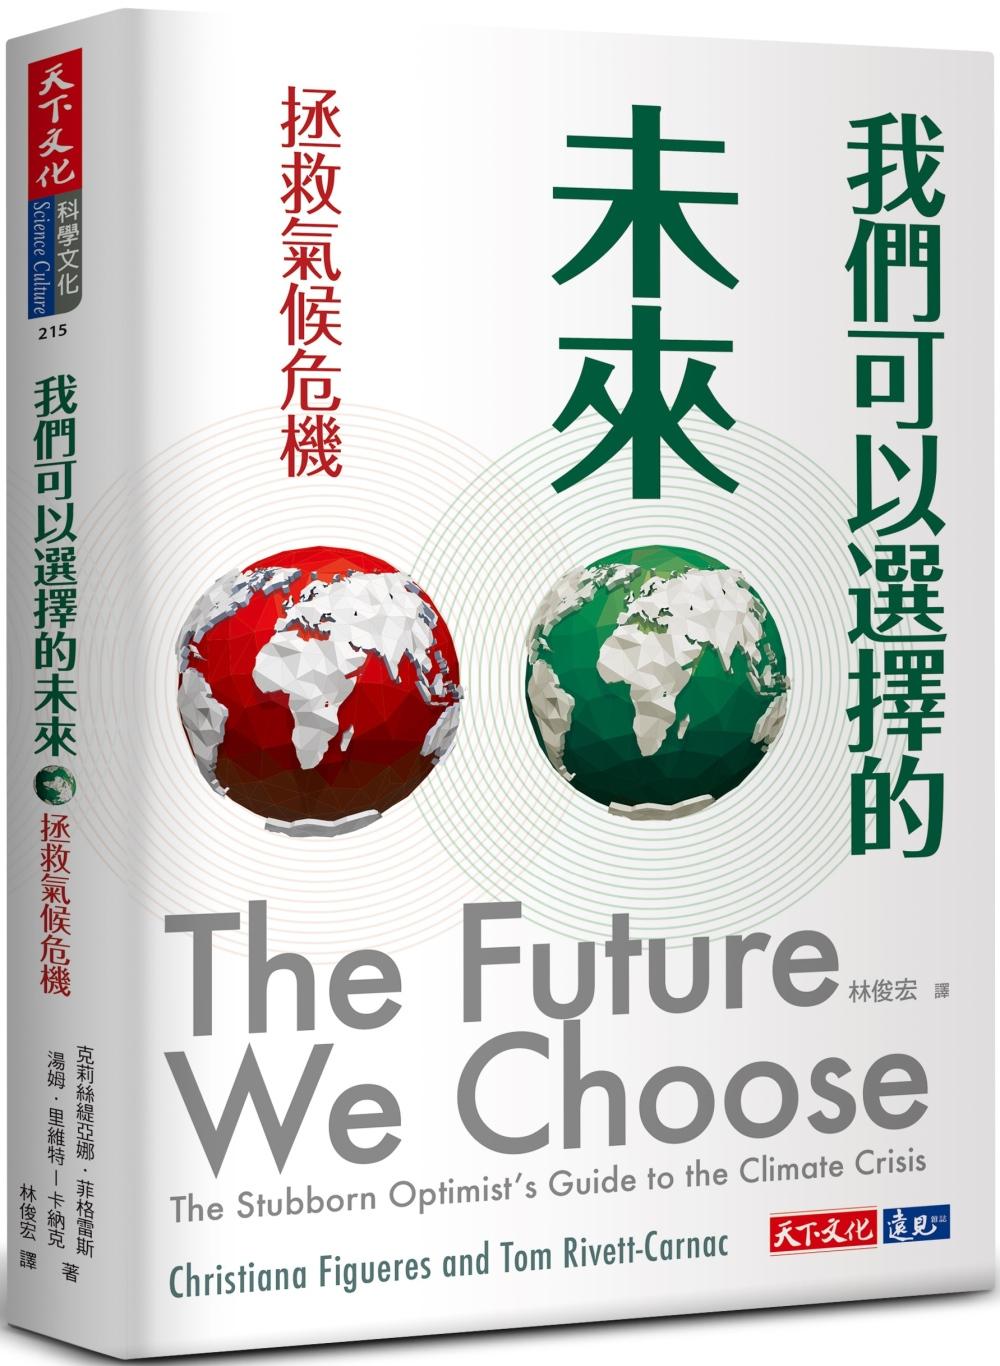 我們可以選擇的未來:拯救氣候危機